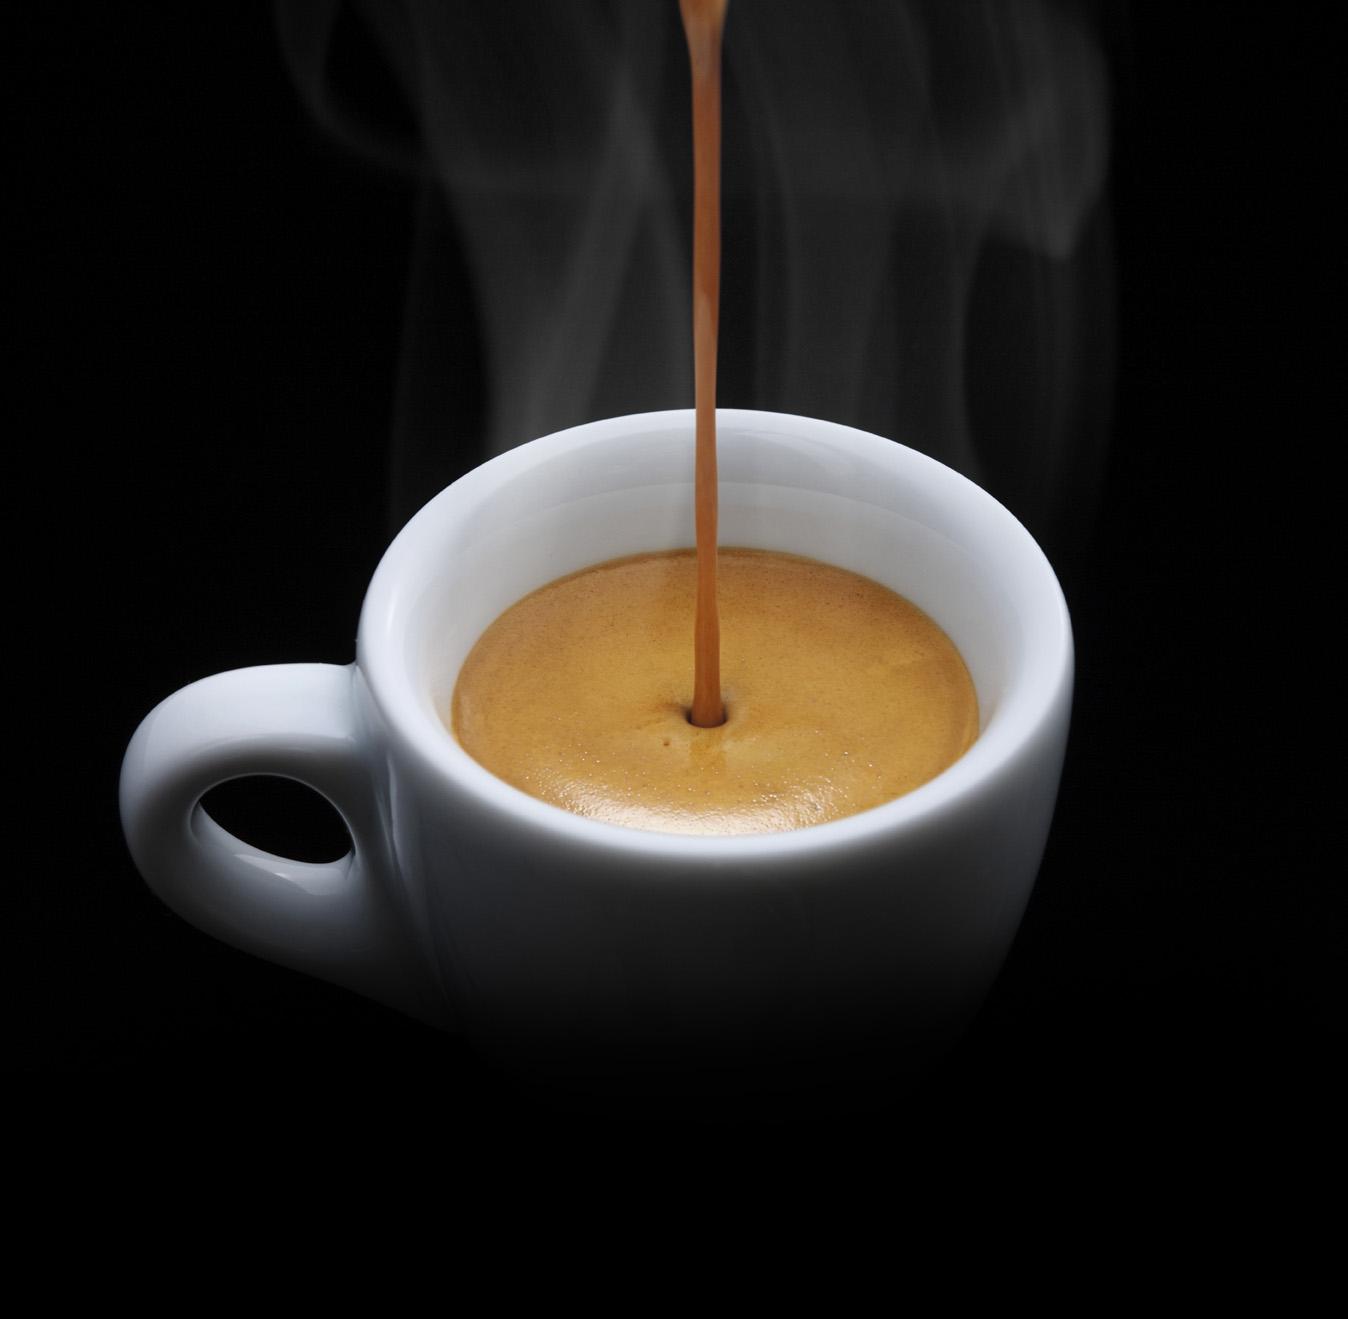 кофе в чашке, скачать фото, обои на рабочий стол, cup of coffee